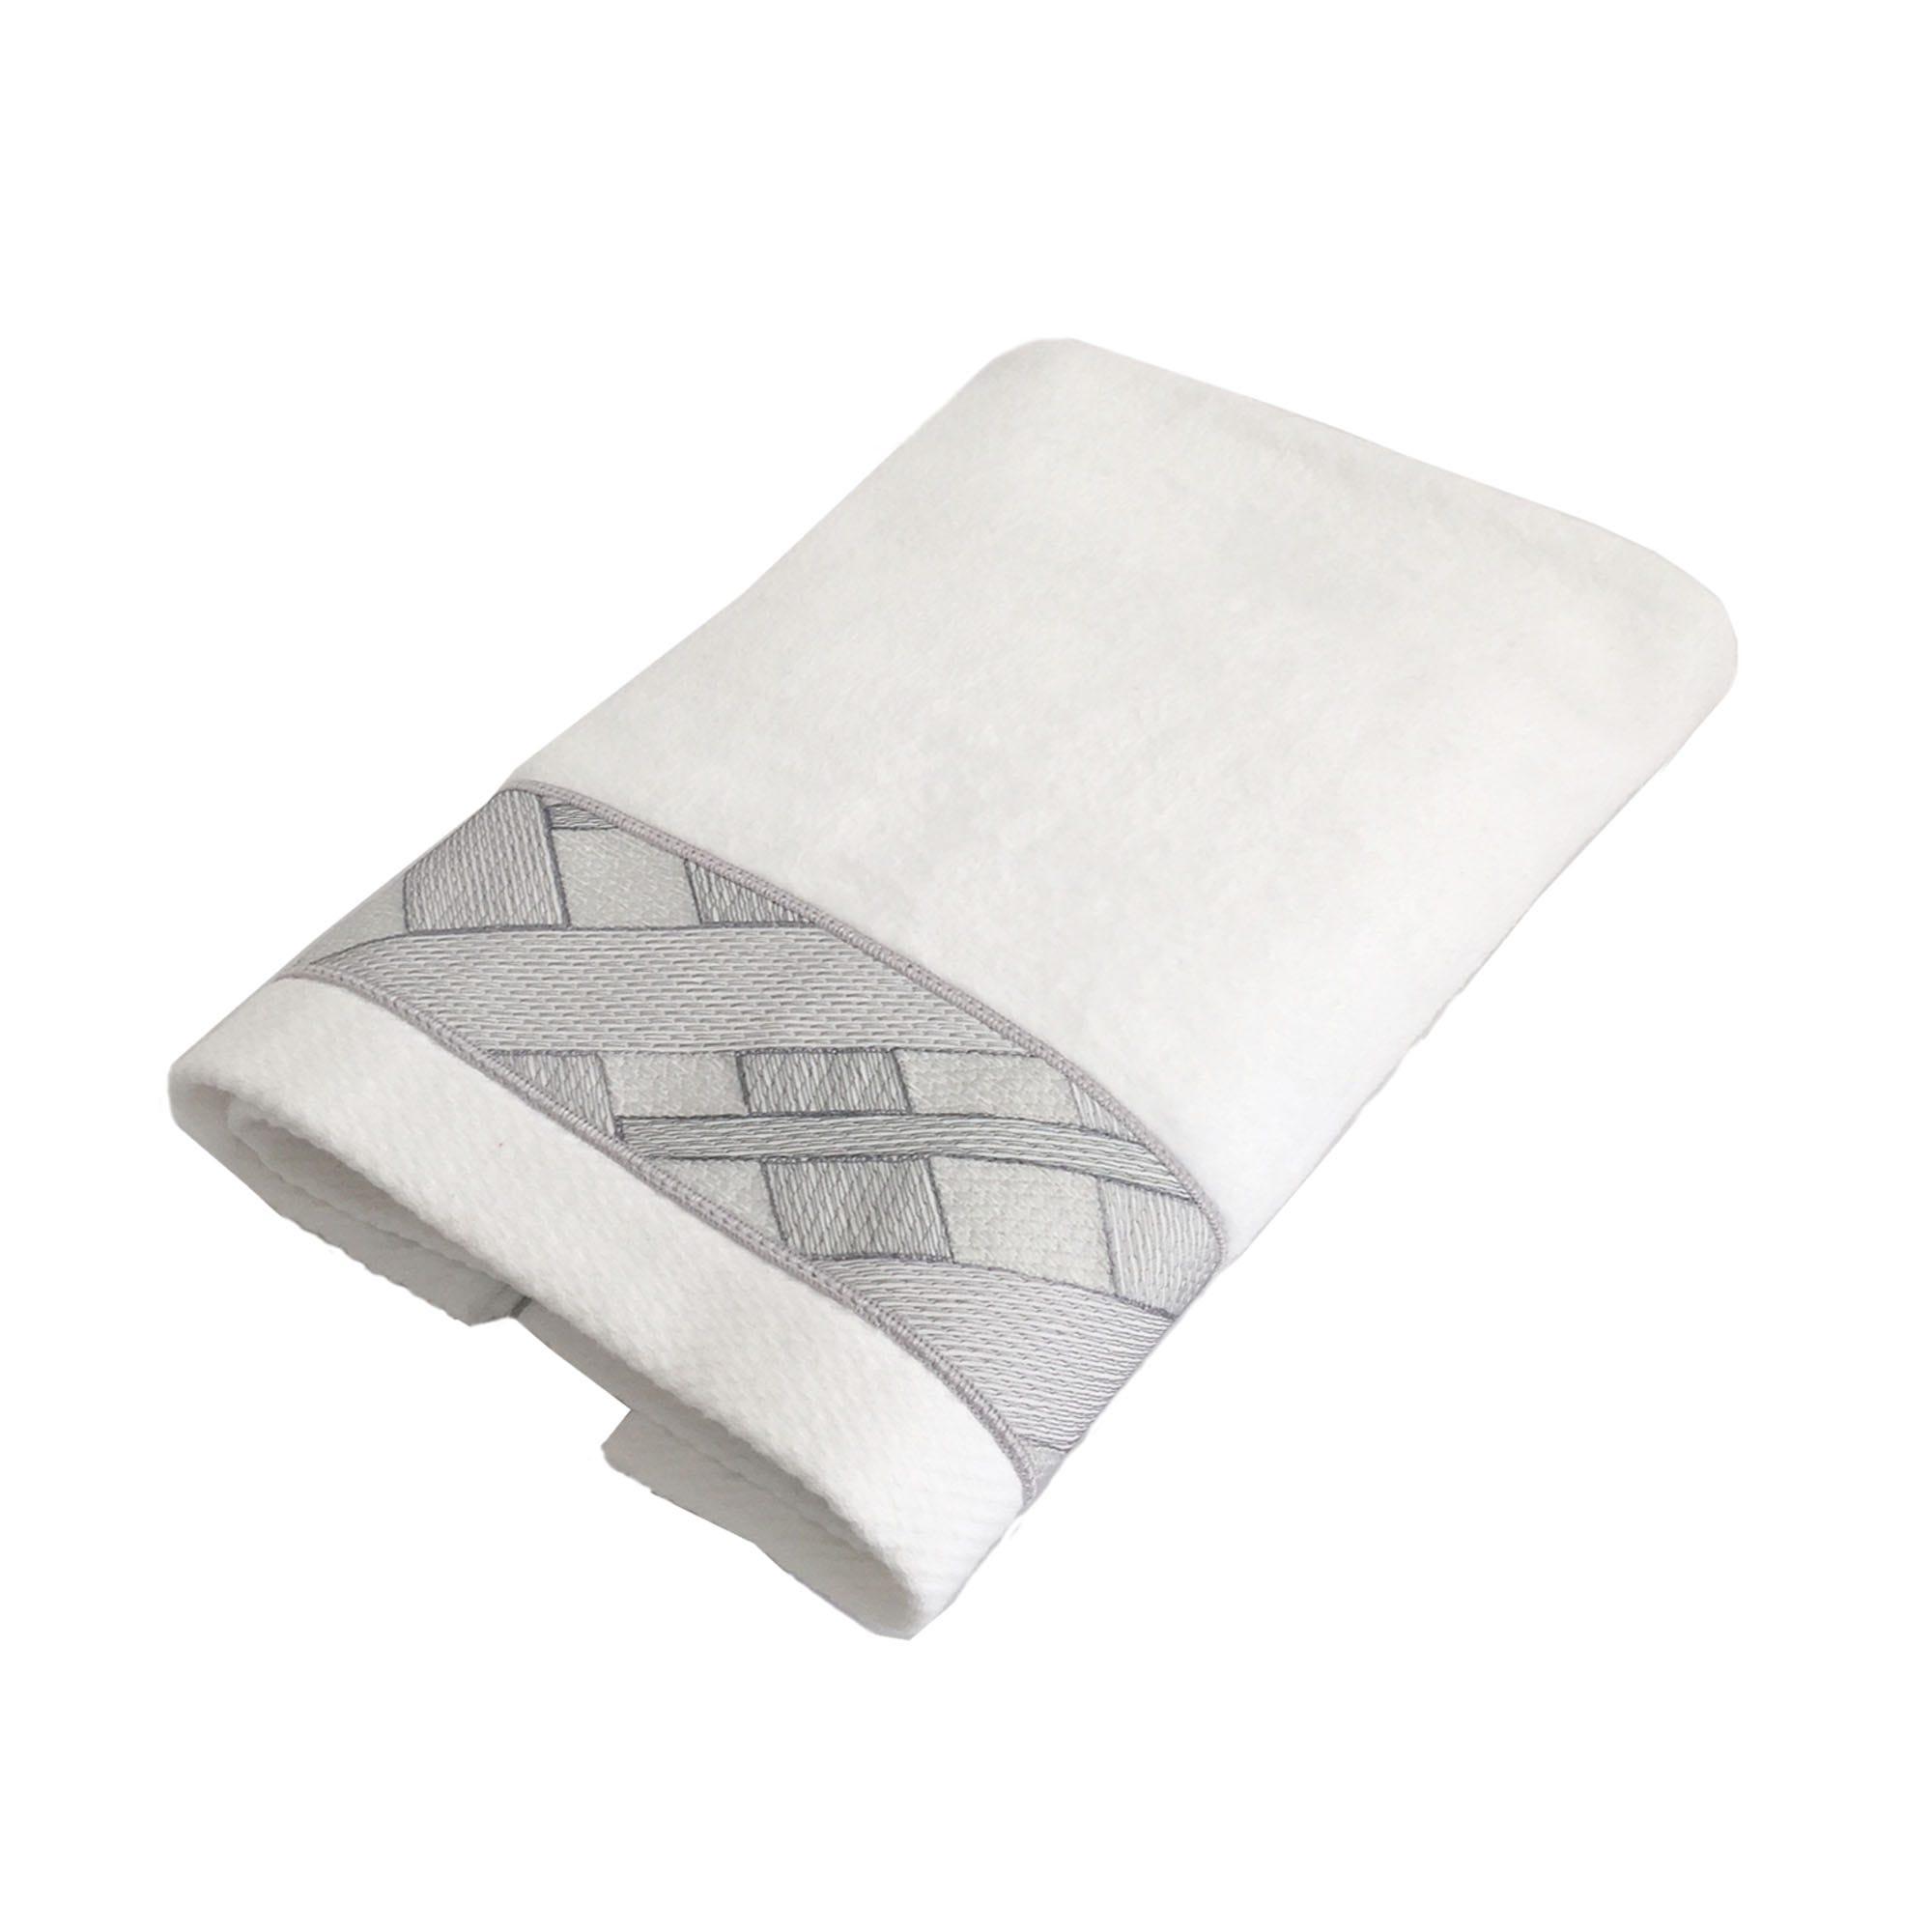 Toalla facial Oslo Calatea con bordado en blanco